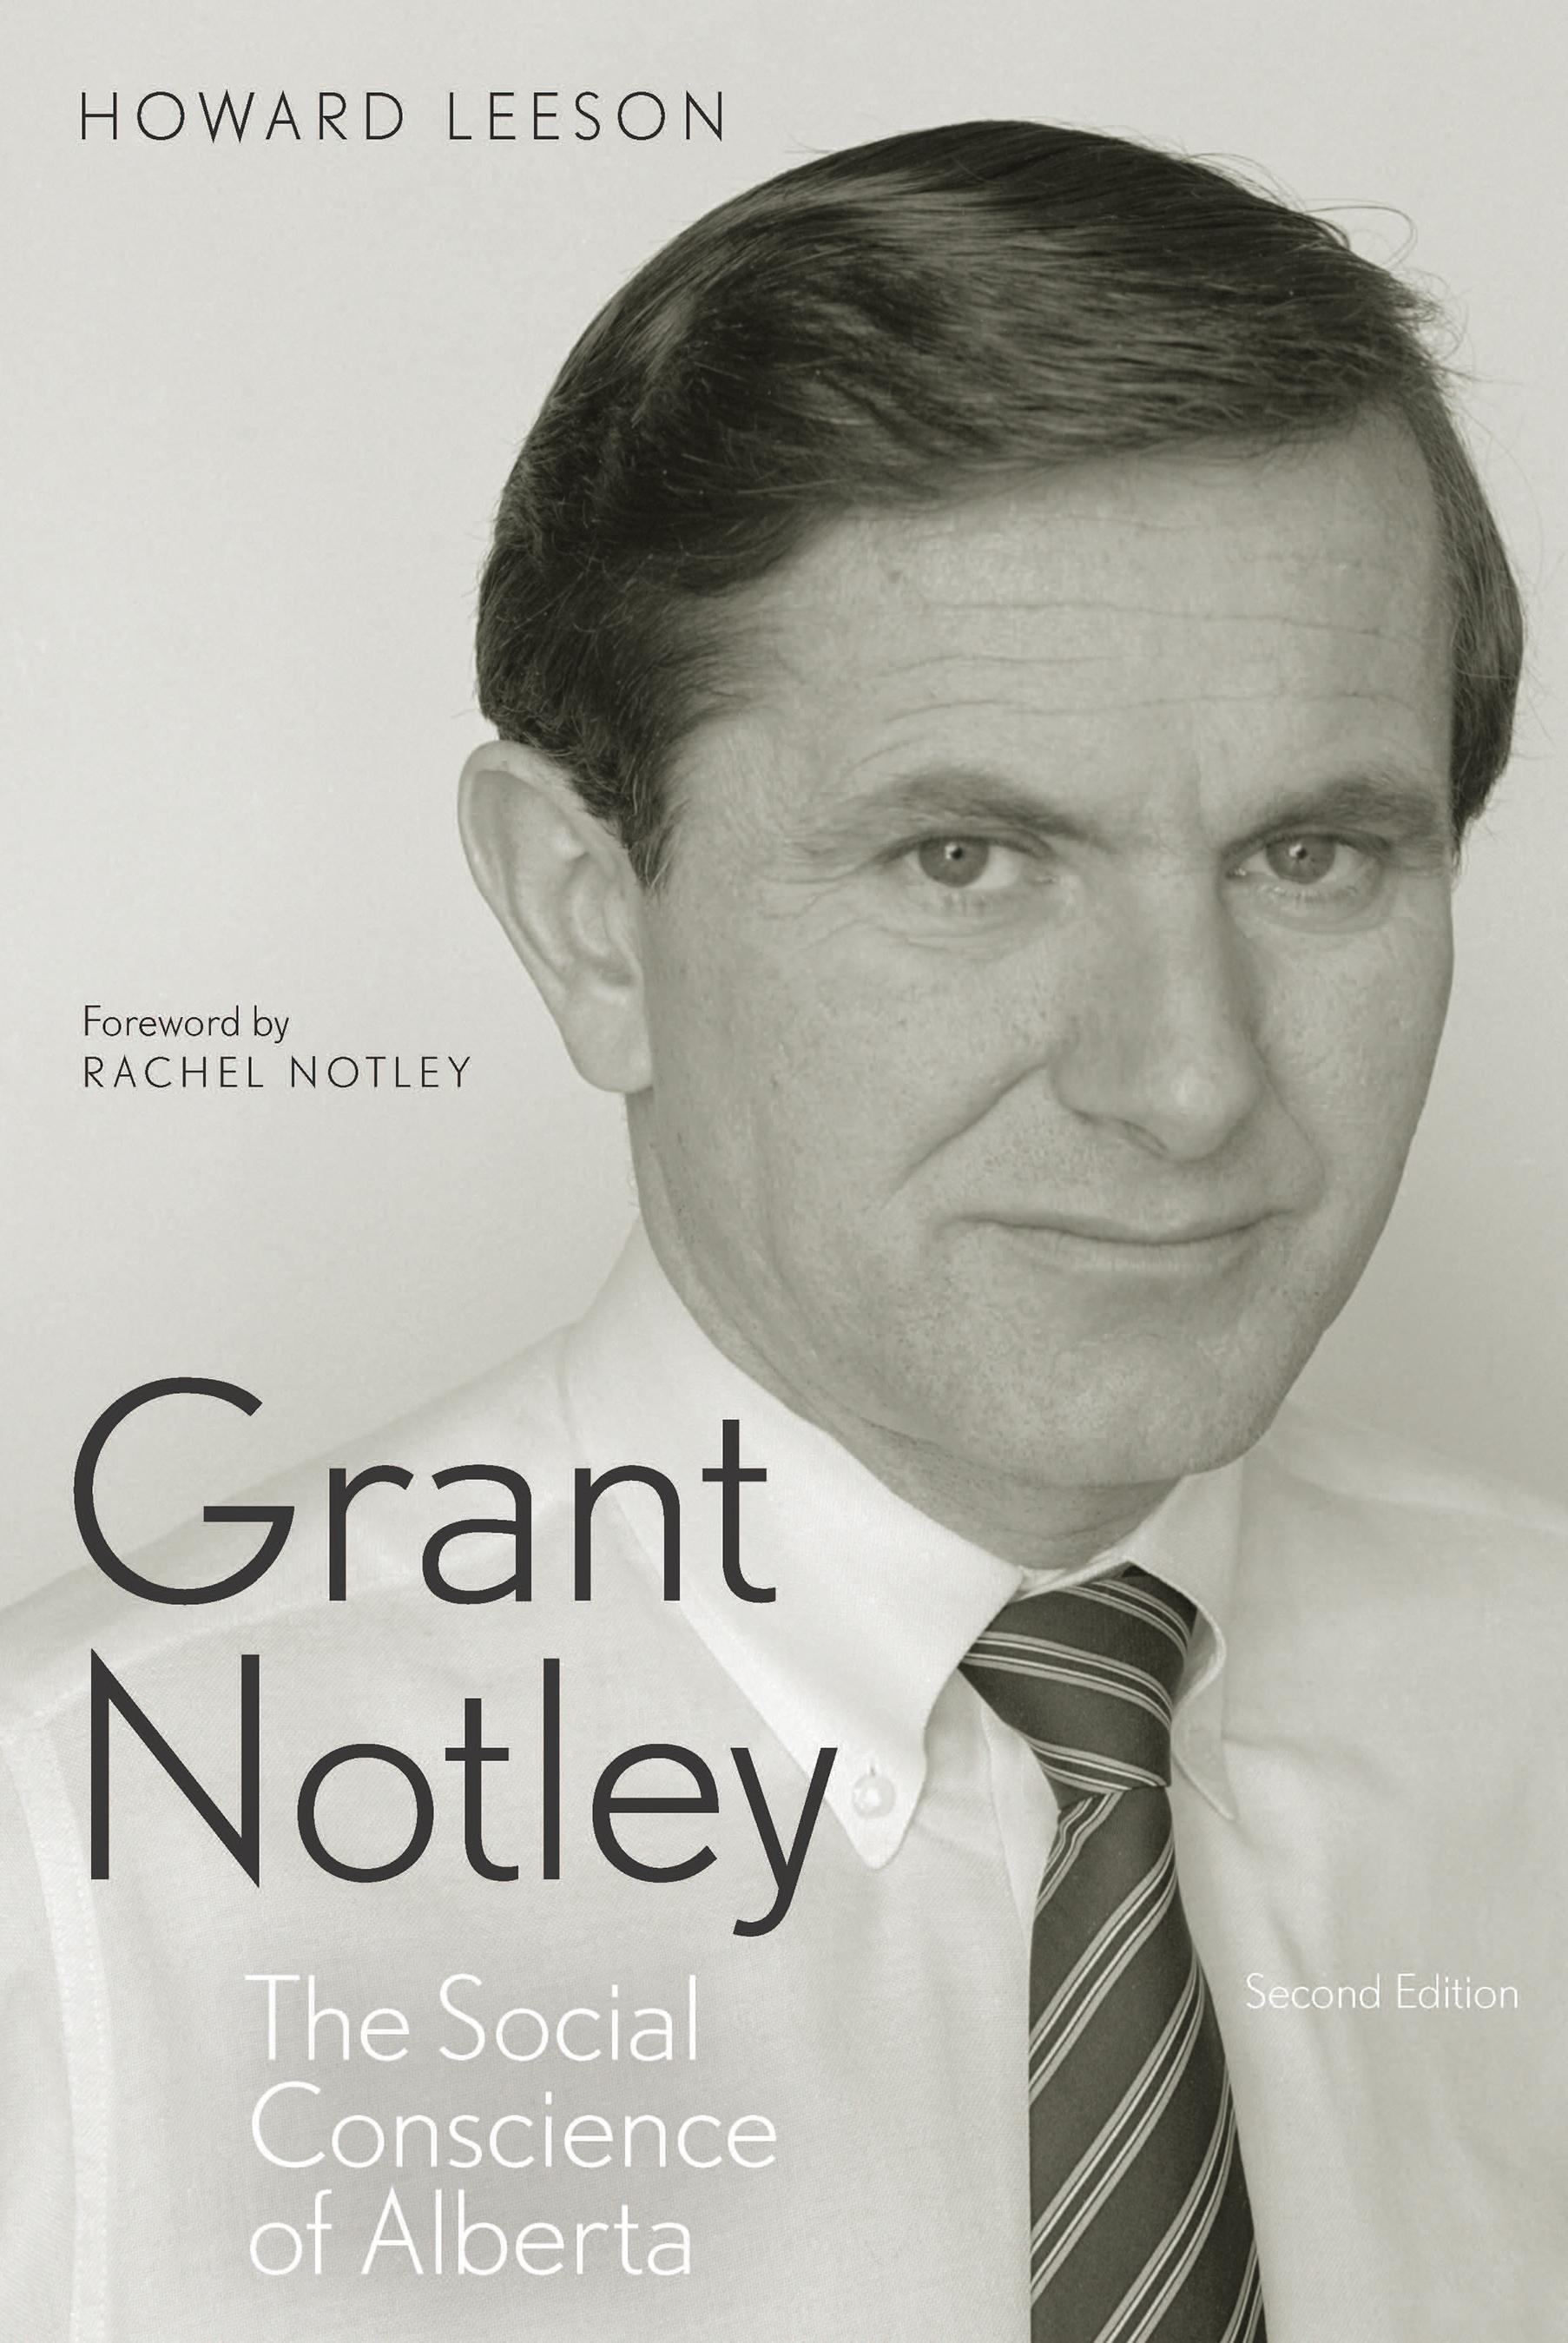 Grant Notley